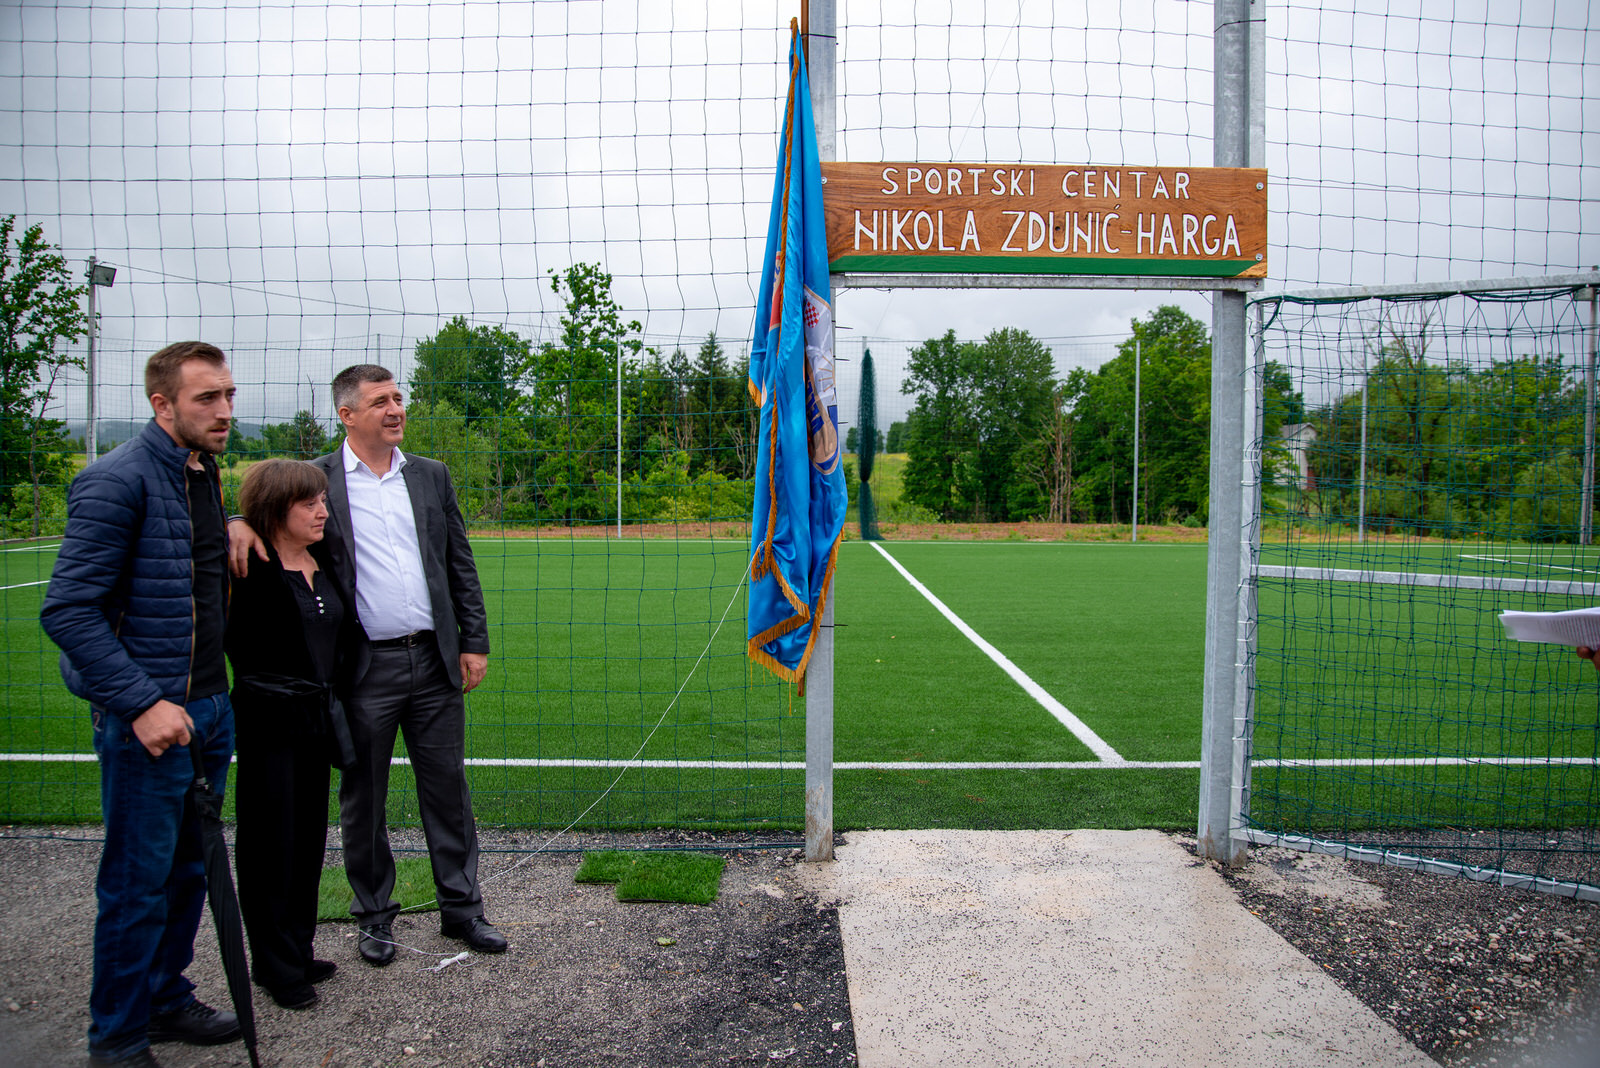 likaclub_žabica_otvaranje nogometnog igrališta_6_2020 (24)